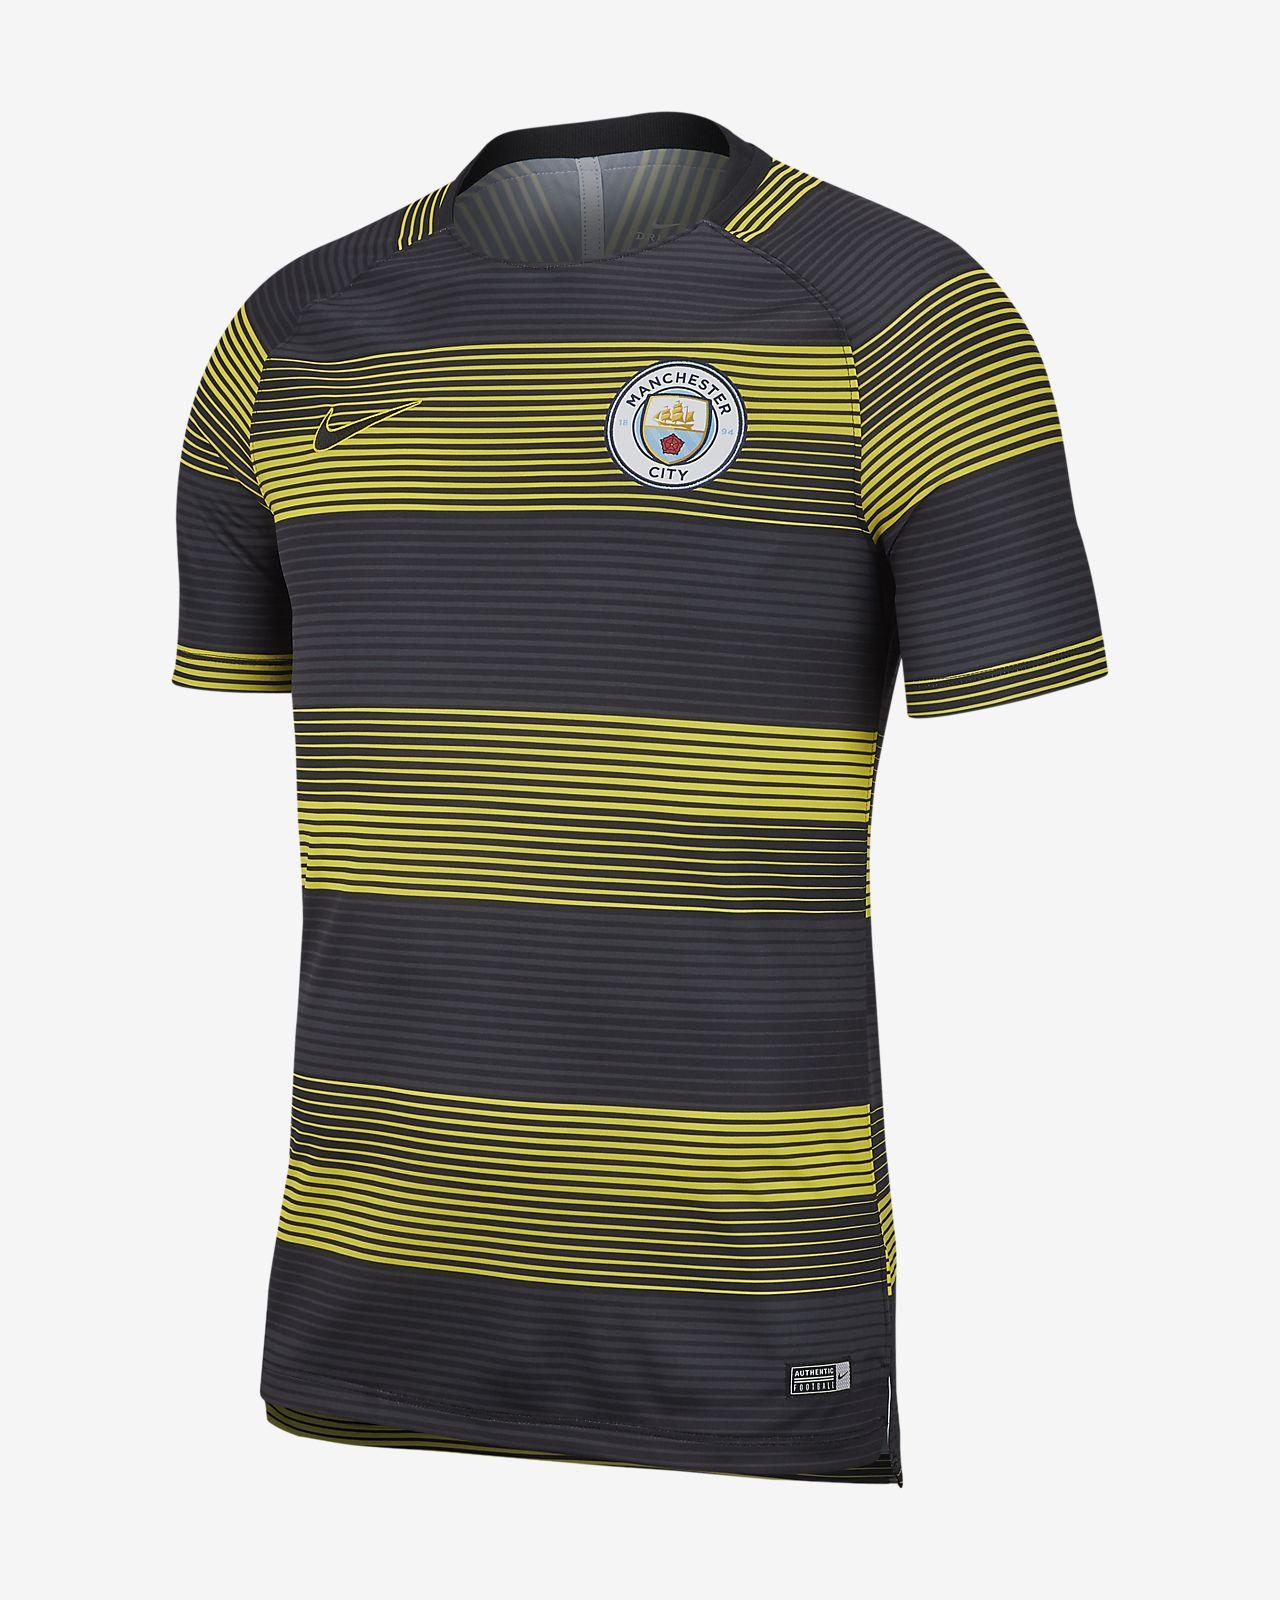 Ανδρική κοντομάνικη ποδοσφαιρική μπλούζα Manchester City FC Dri-FIT Squad 529c9c99c82